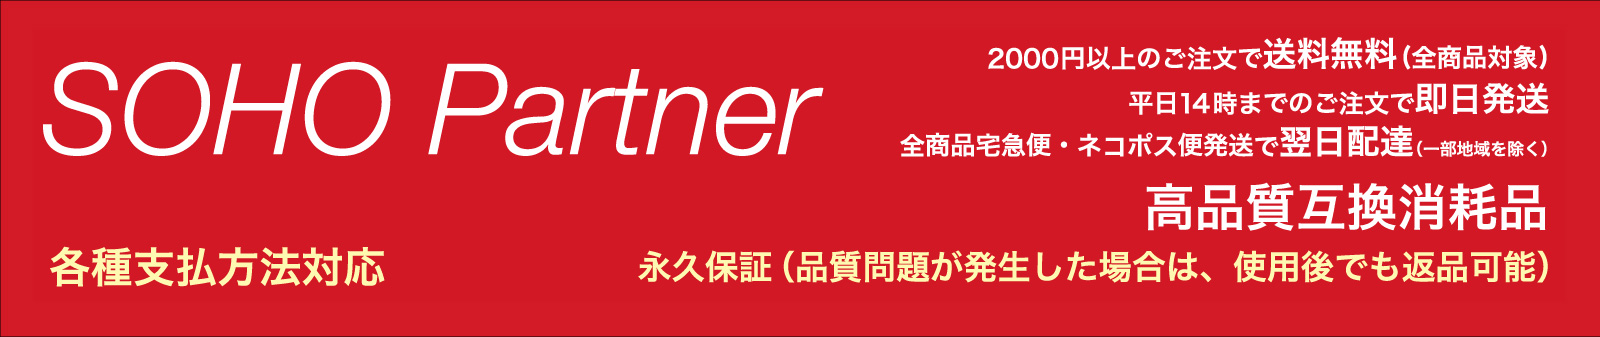 SOHO Partner 楽天店の店舗看板